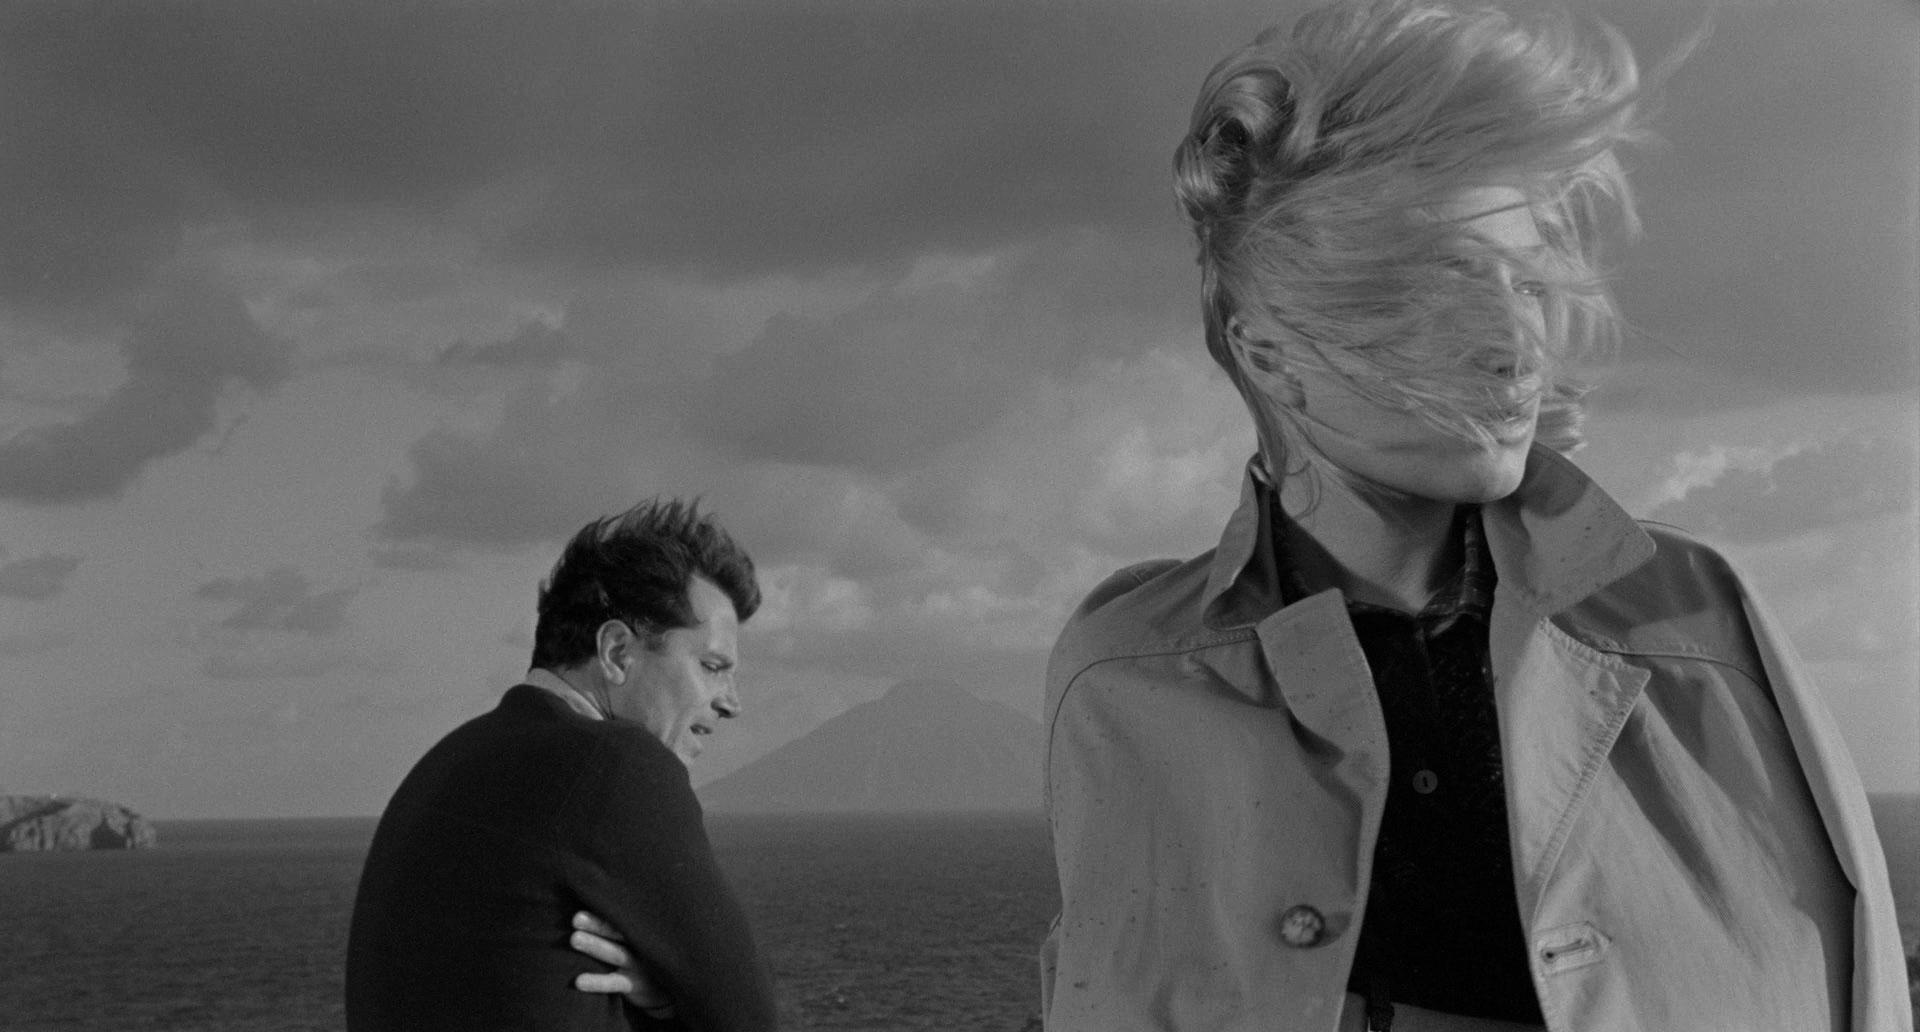 'La aventura' de Michelangelo Antonioni y la sociedad de la indiferencia - Película 1960